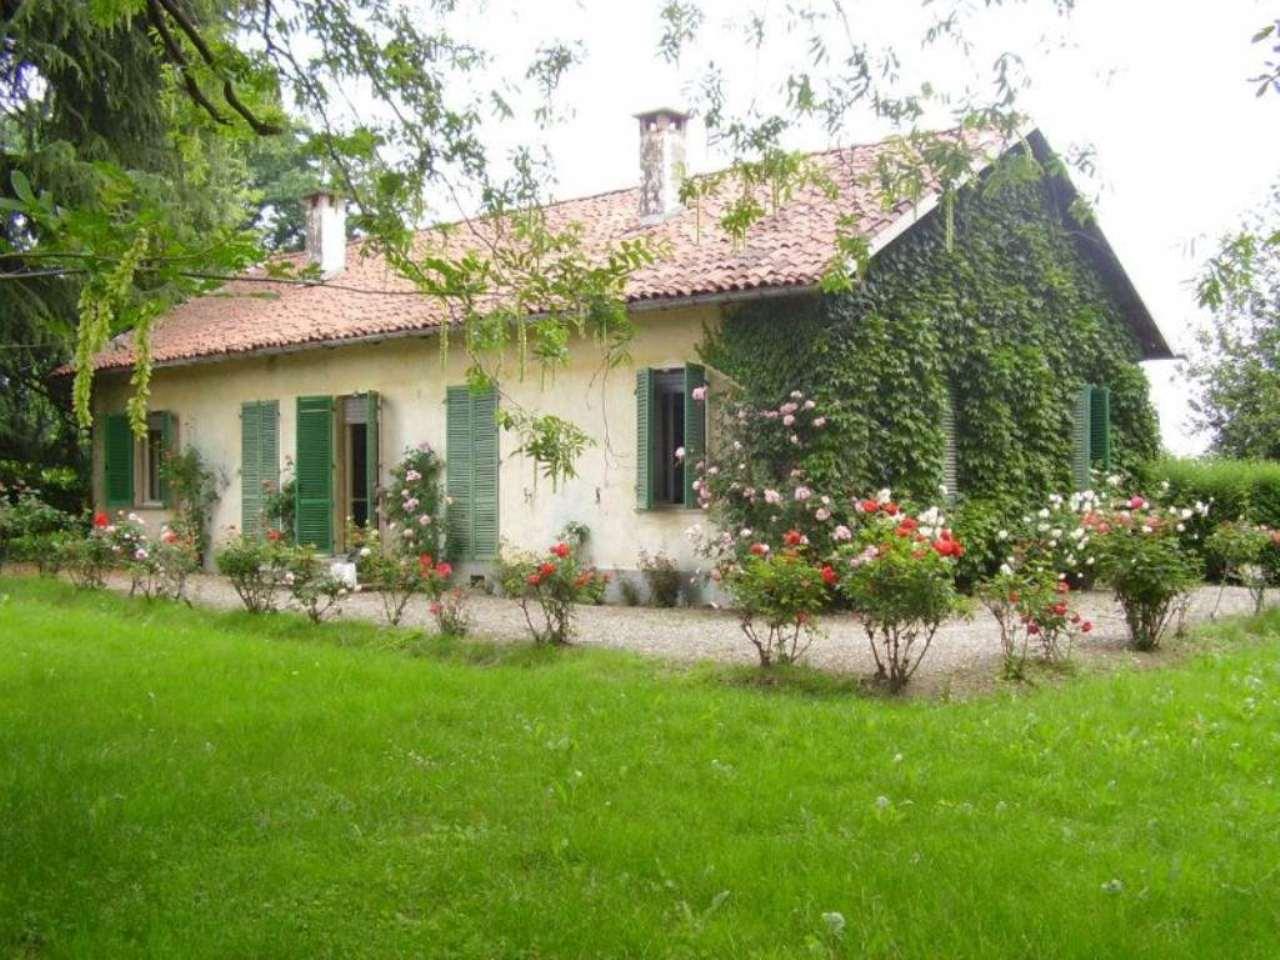 Villa in vendita a Campiglione-Fenile, 6 locali, prezzo € 210.000 | Cambio Casa.it